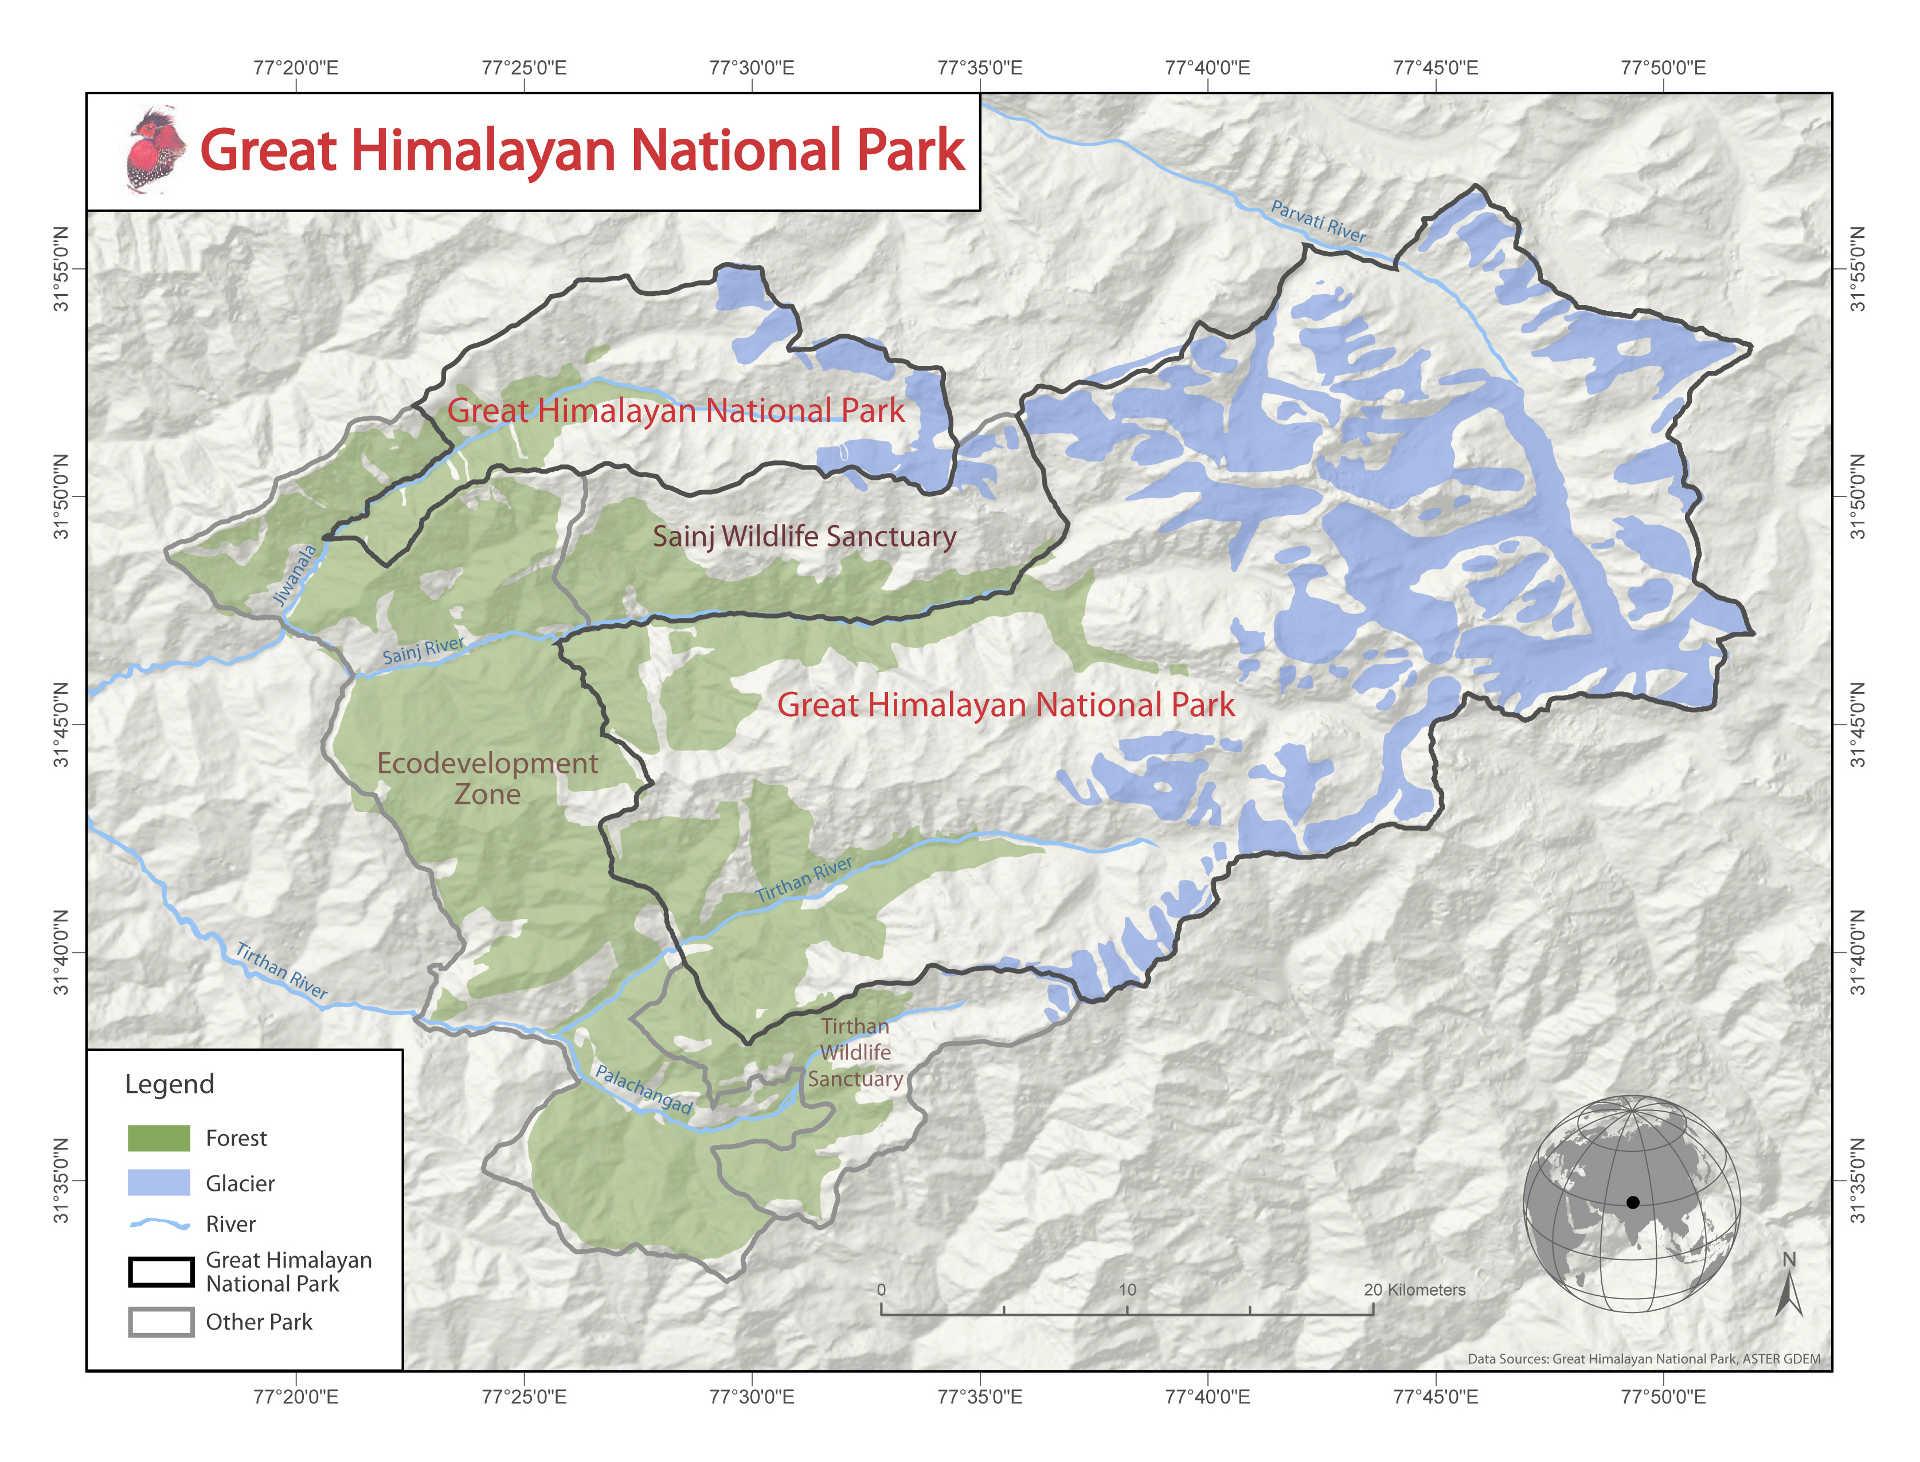 Maps - Great Himalayan National Park